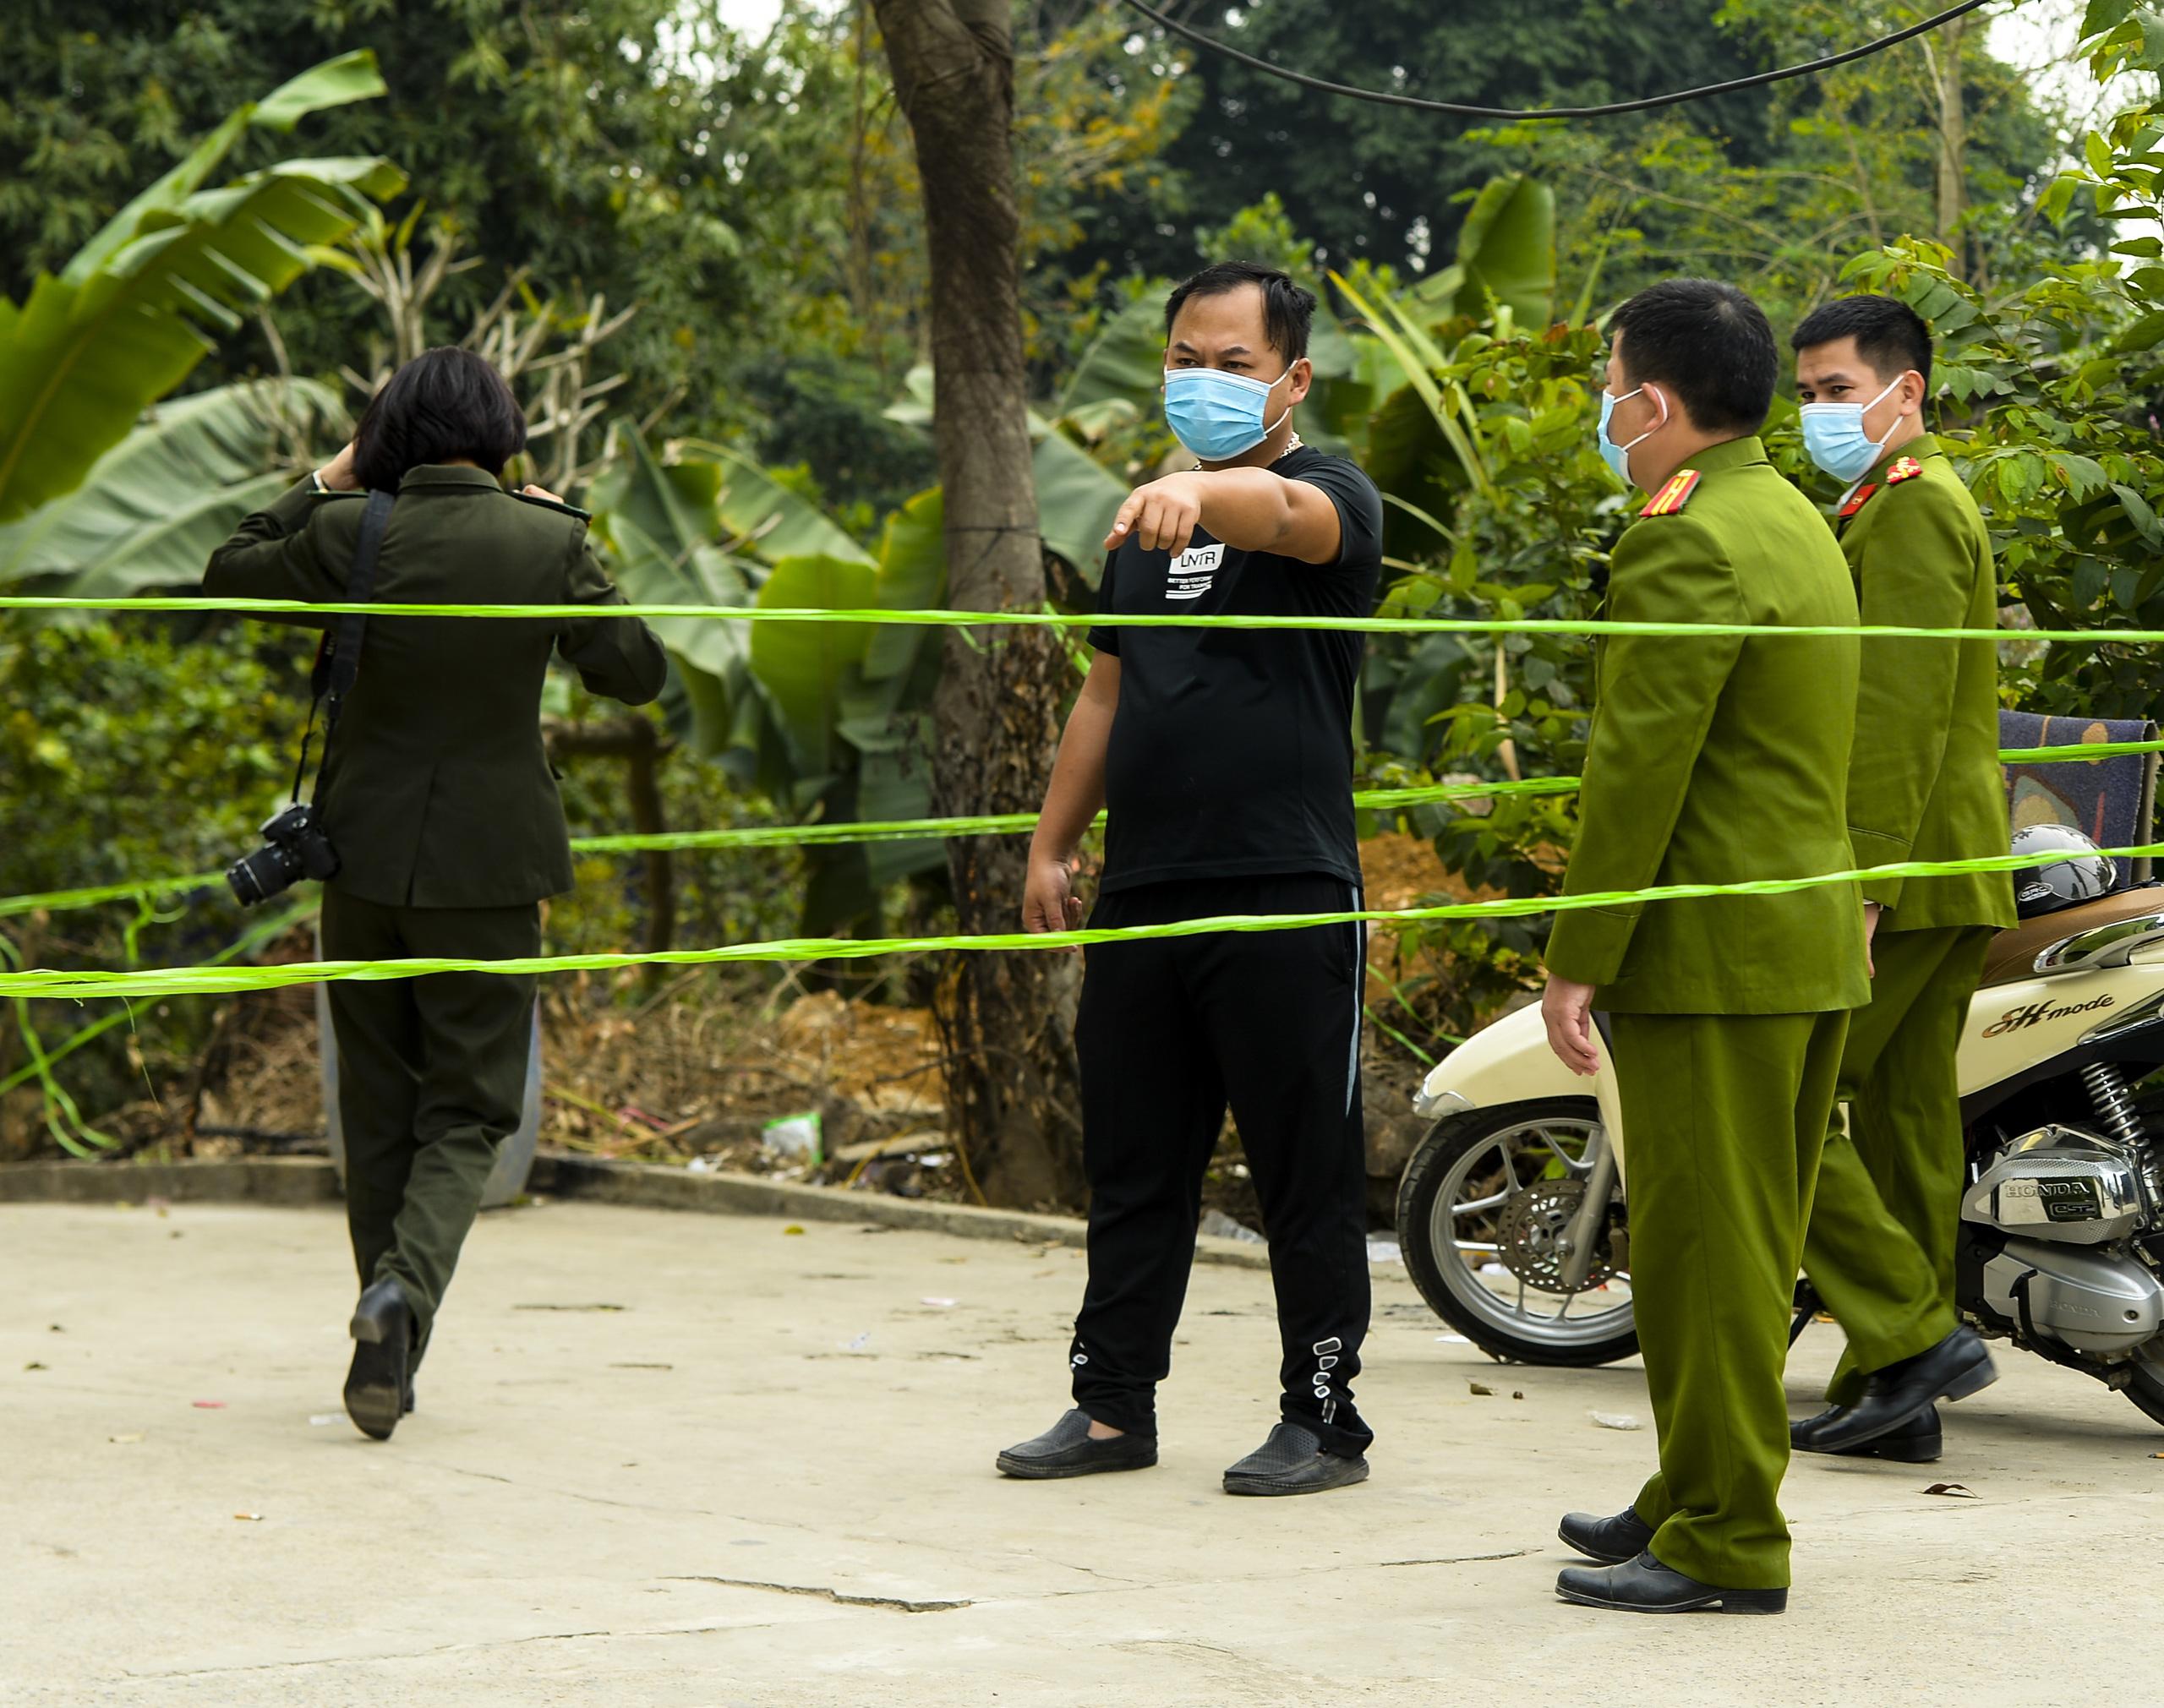 Hiện trường vụ truy sát 3 người chết, 5 người bị thương ở Hòa  Bình - Ảnh 9.